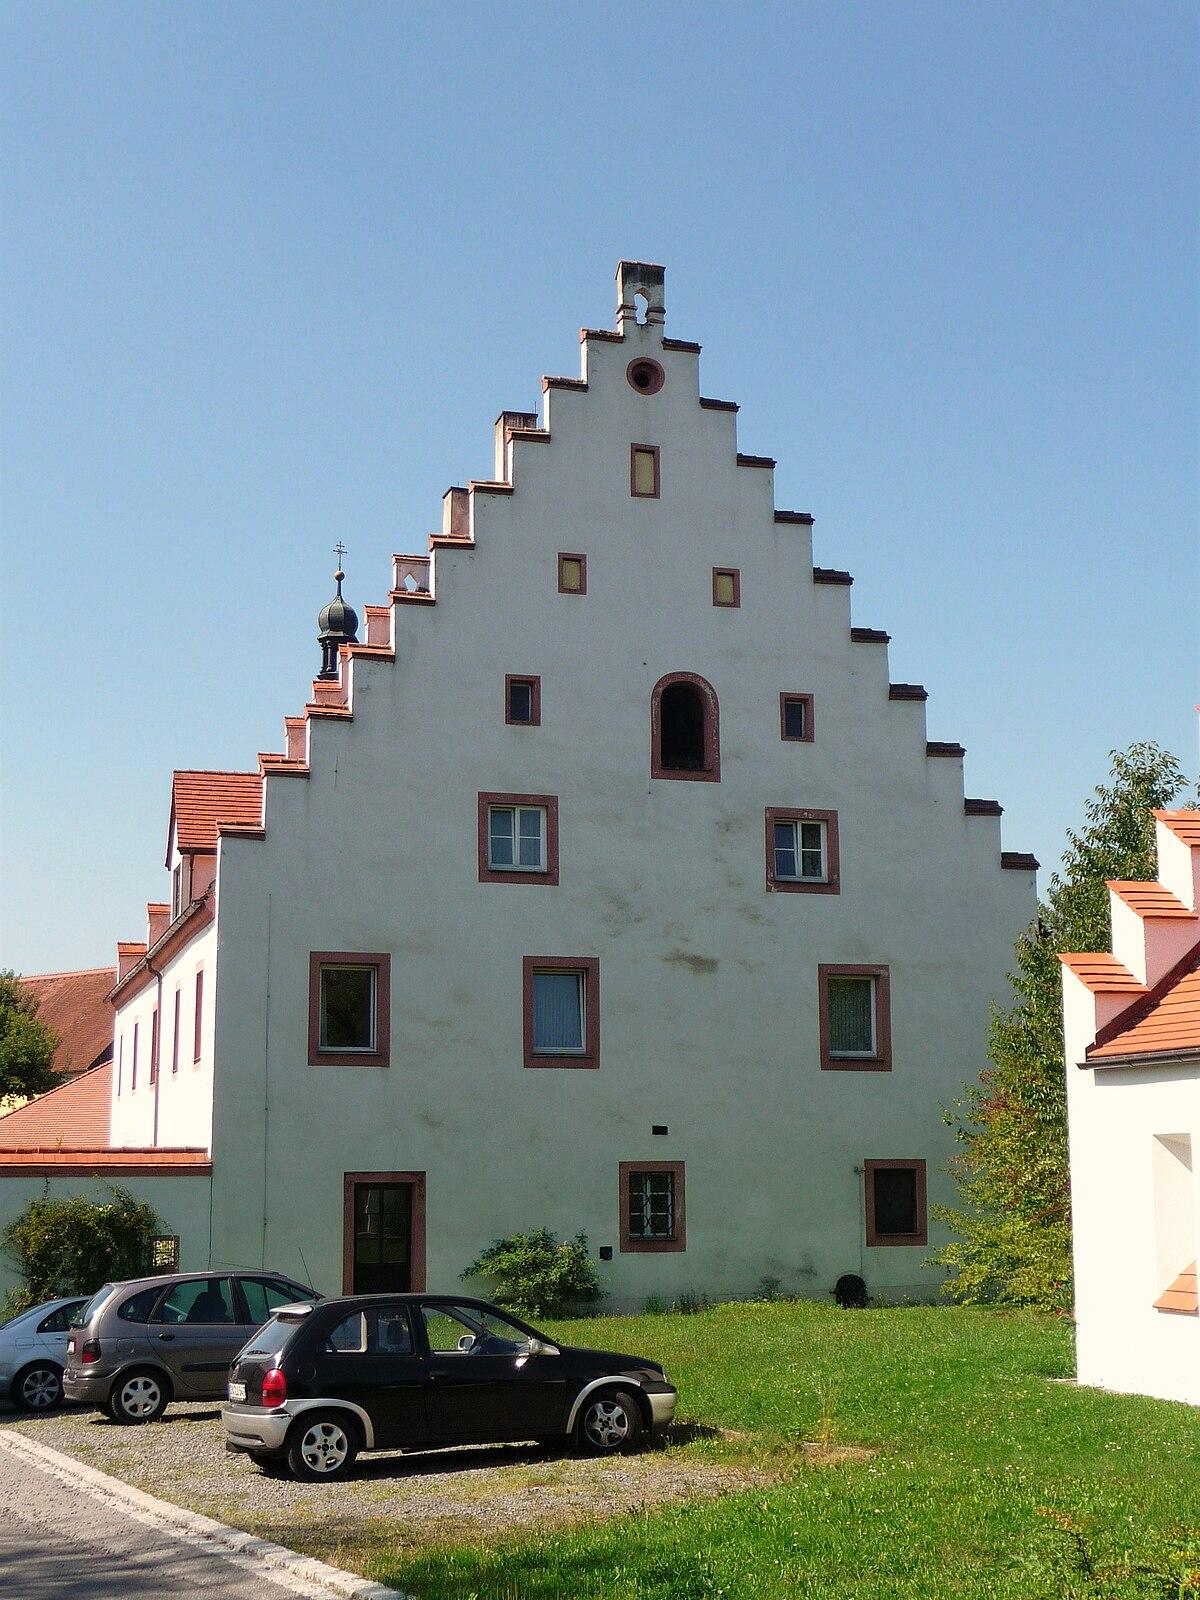 Blaibach Bayern